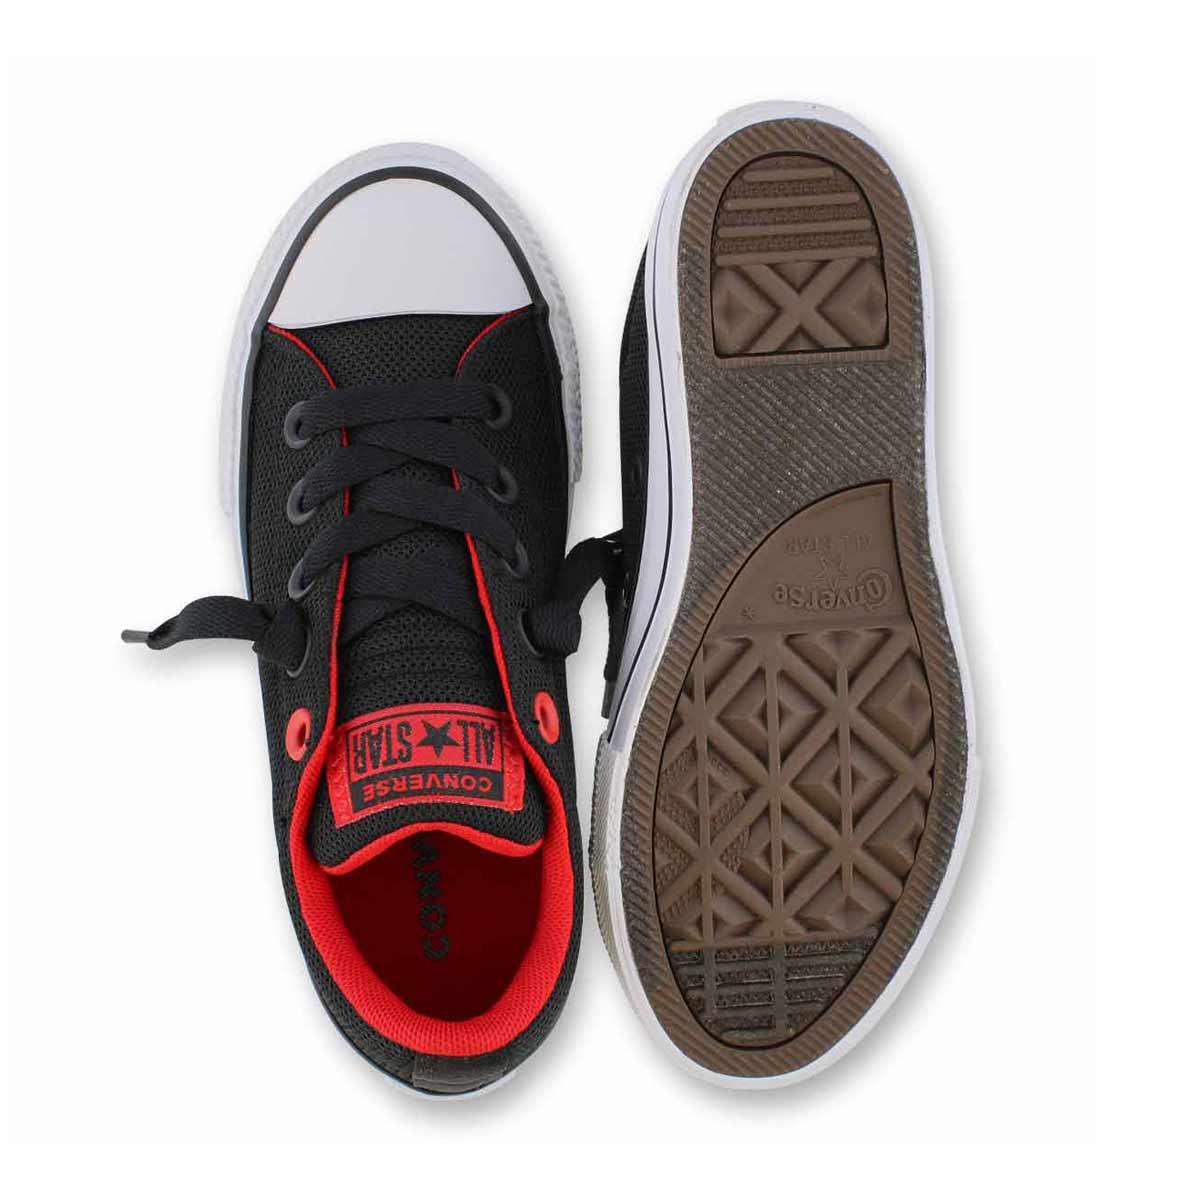 Bys CTAS Street Slip blk/red sneaker